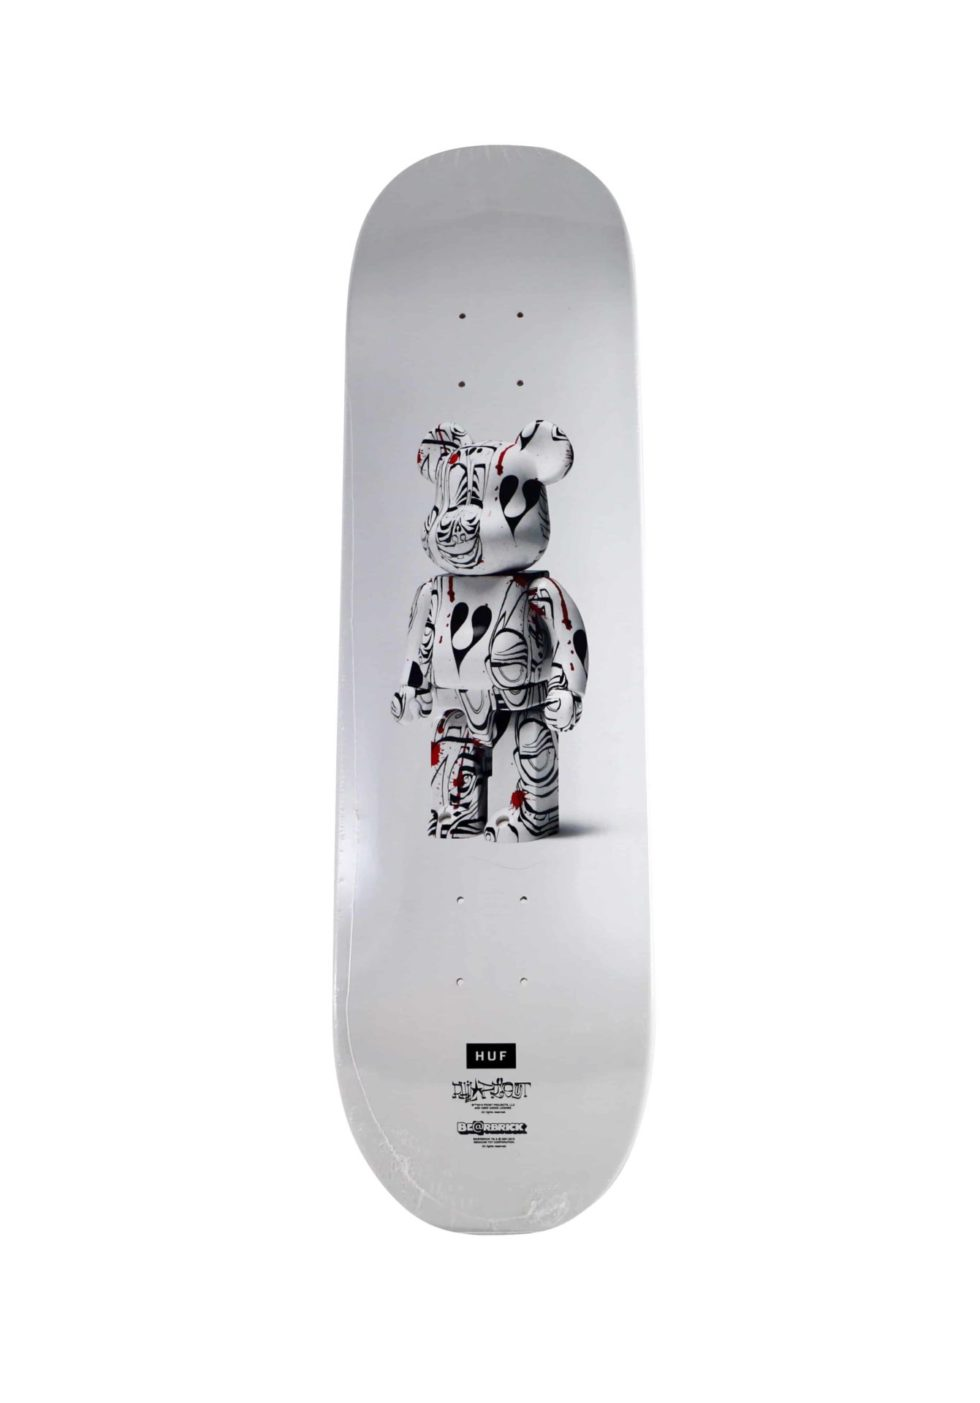 Lot #9764 – Phil Frost Bearbrick Skateboard Skate Deck Skateboard Decks Phil Frost